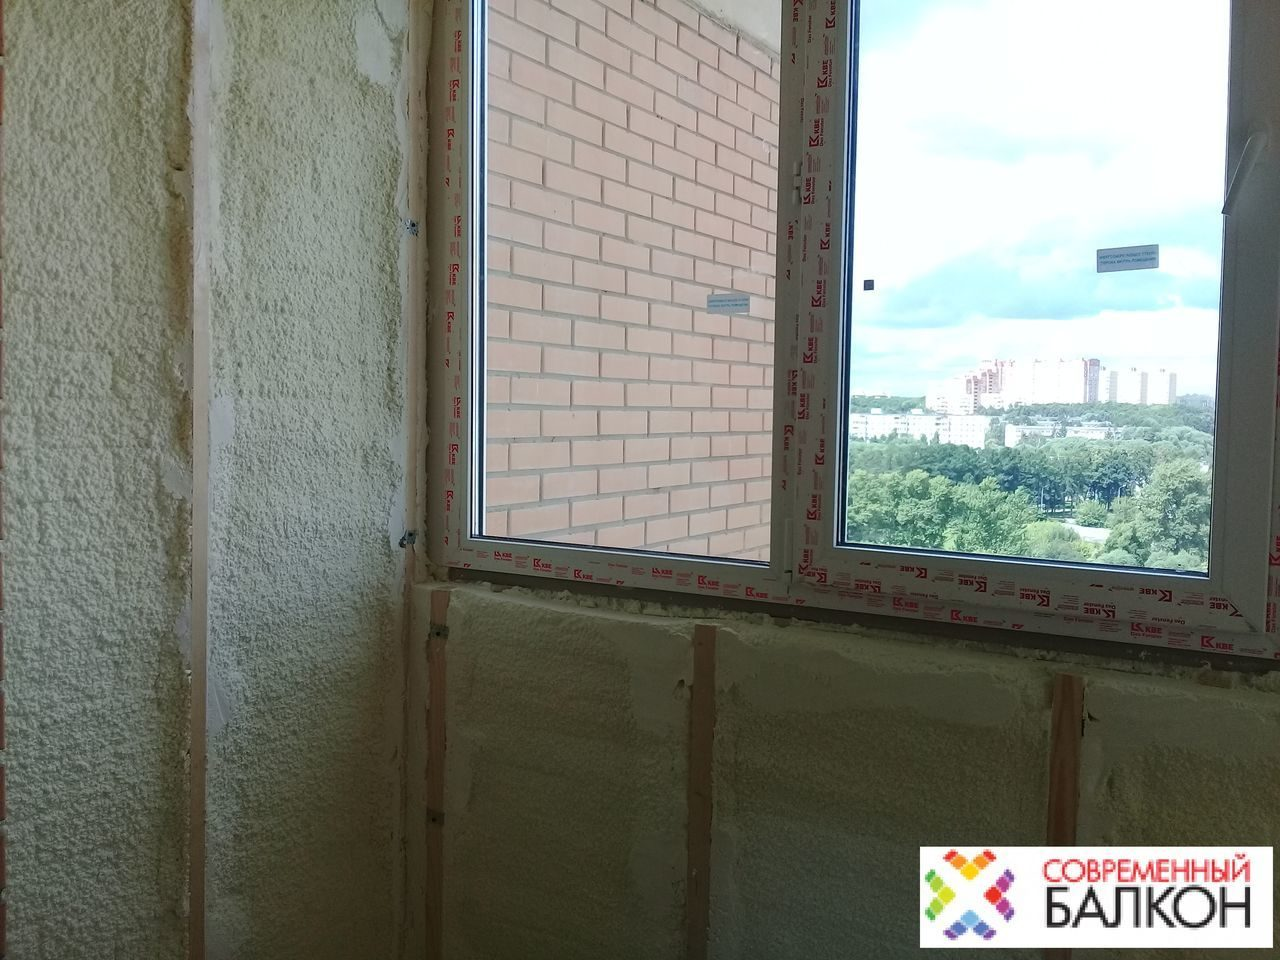 Как утеплить балкон изнутри своими руками? подробная инструкция